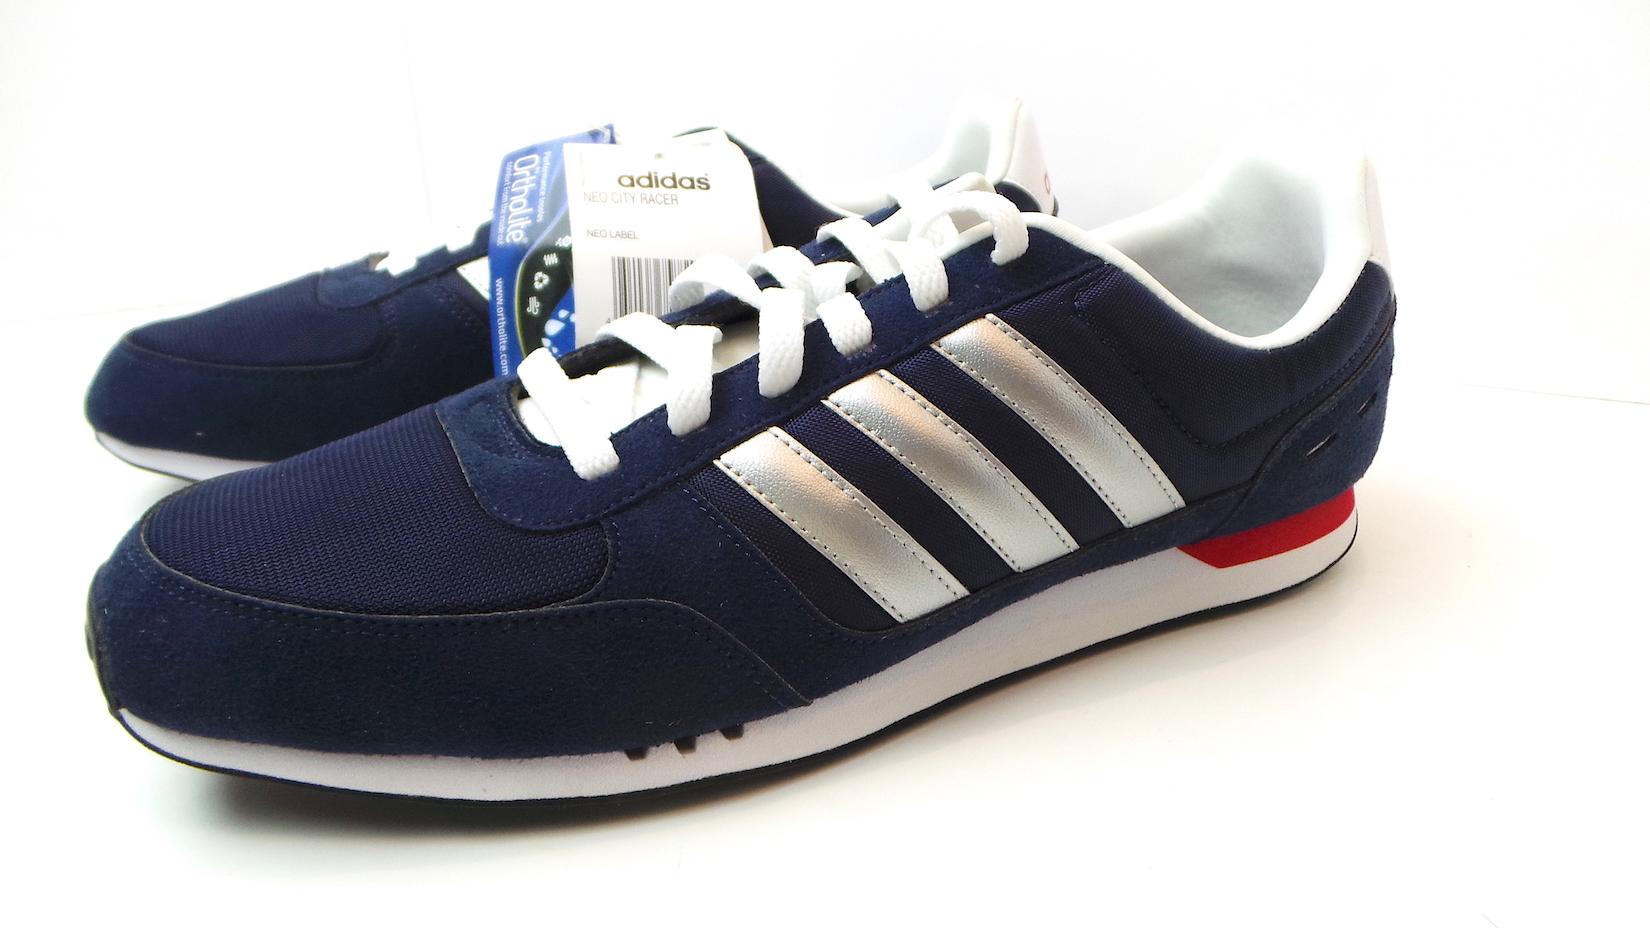 In Scarpe Numeri Alte Grandi Delpopoloshop Adidas qzMpSUV